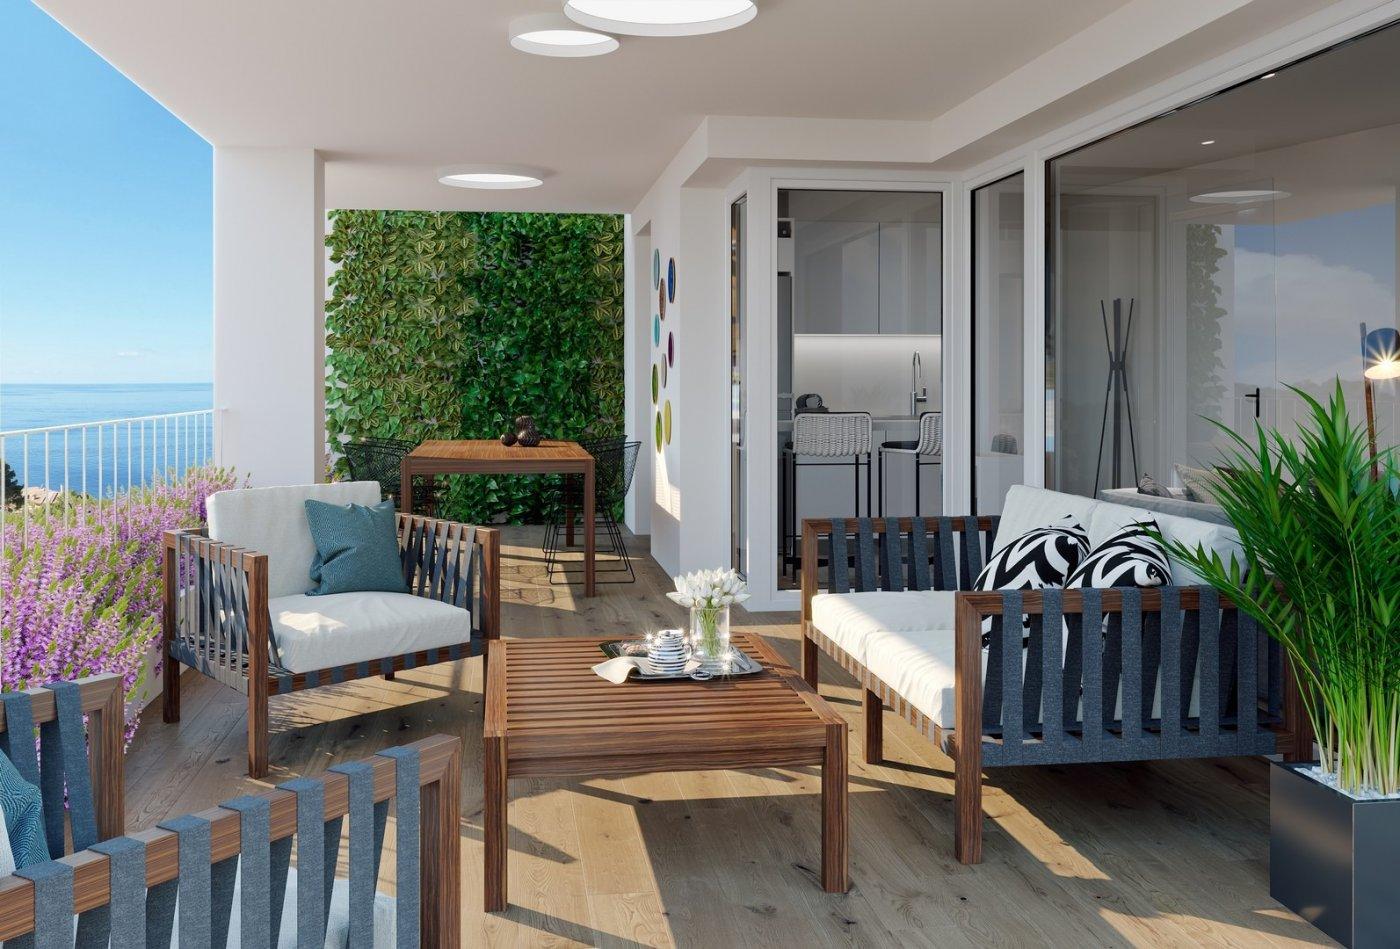 Doce exclusivas viviendas en primera línea del mar en villajoyosa - imagenInmueble4